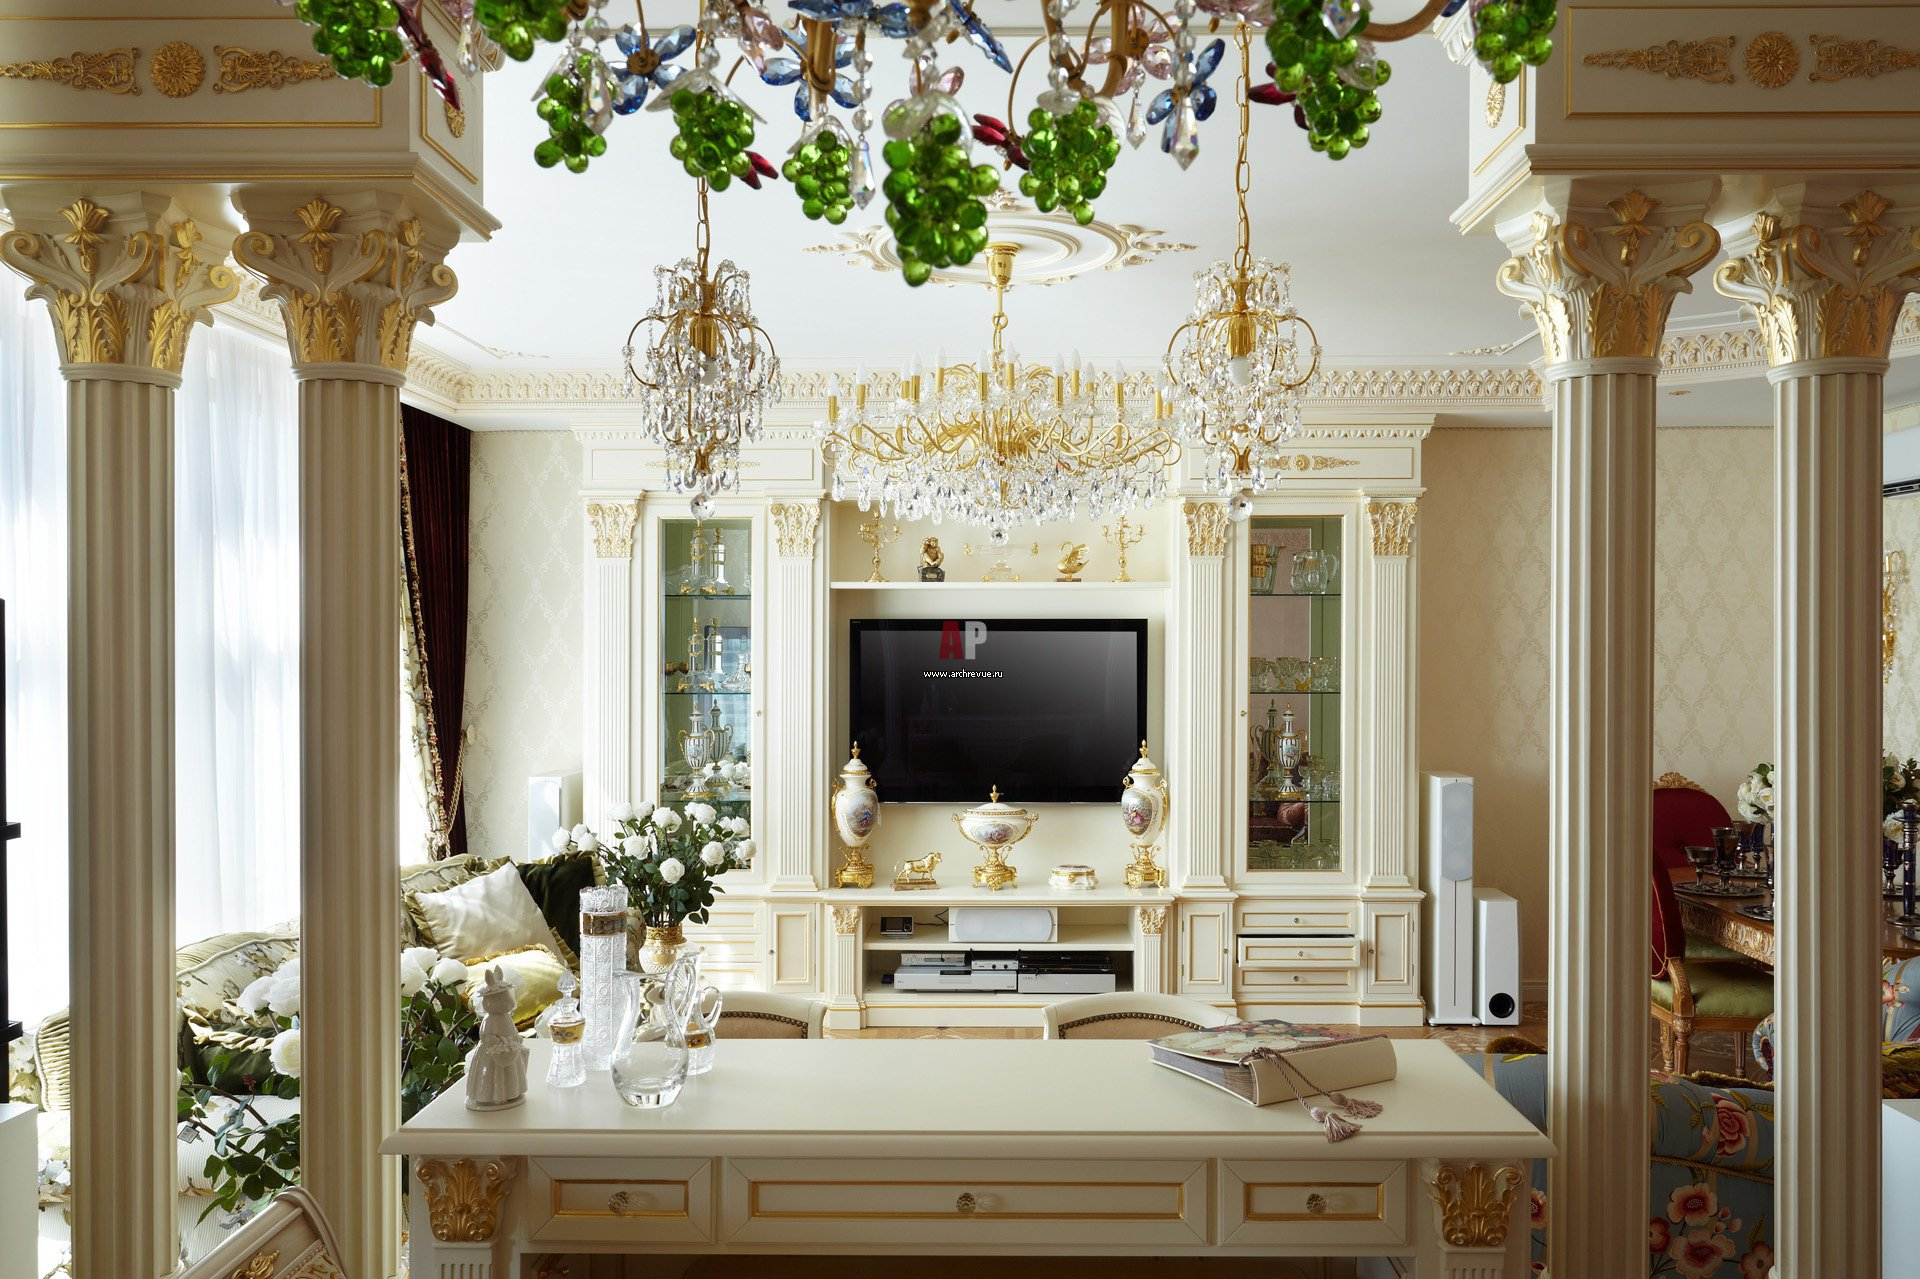 Красота дворца в вашей квартире